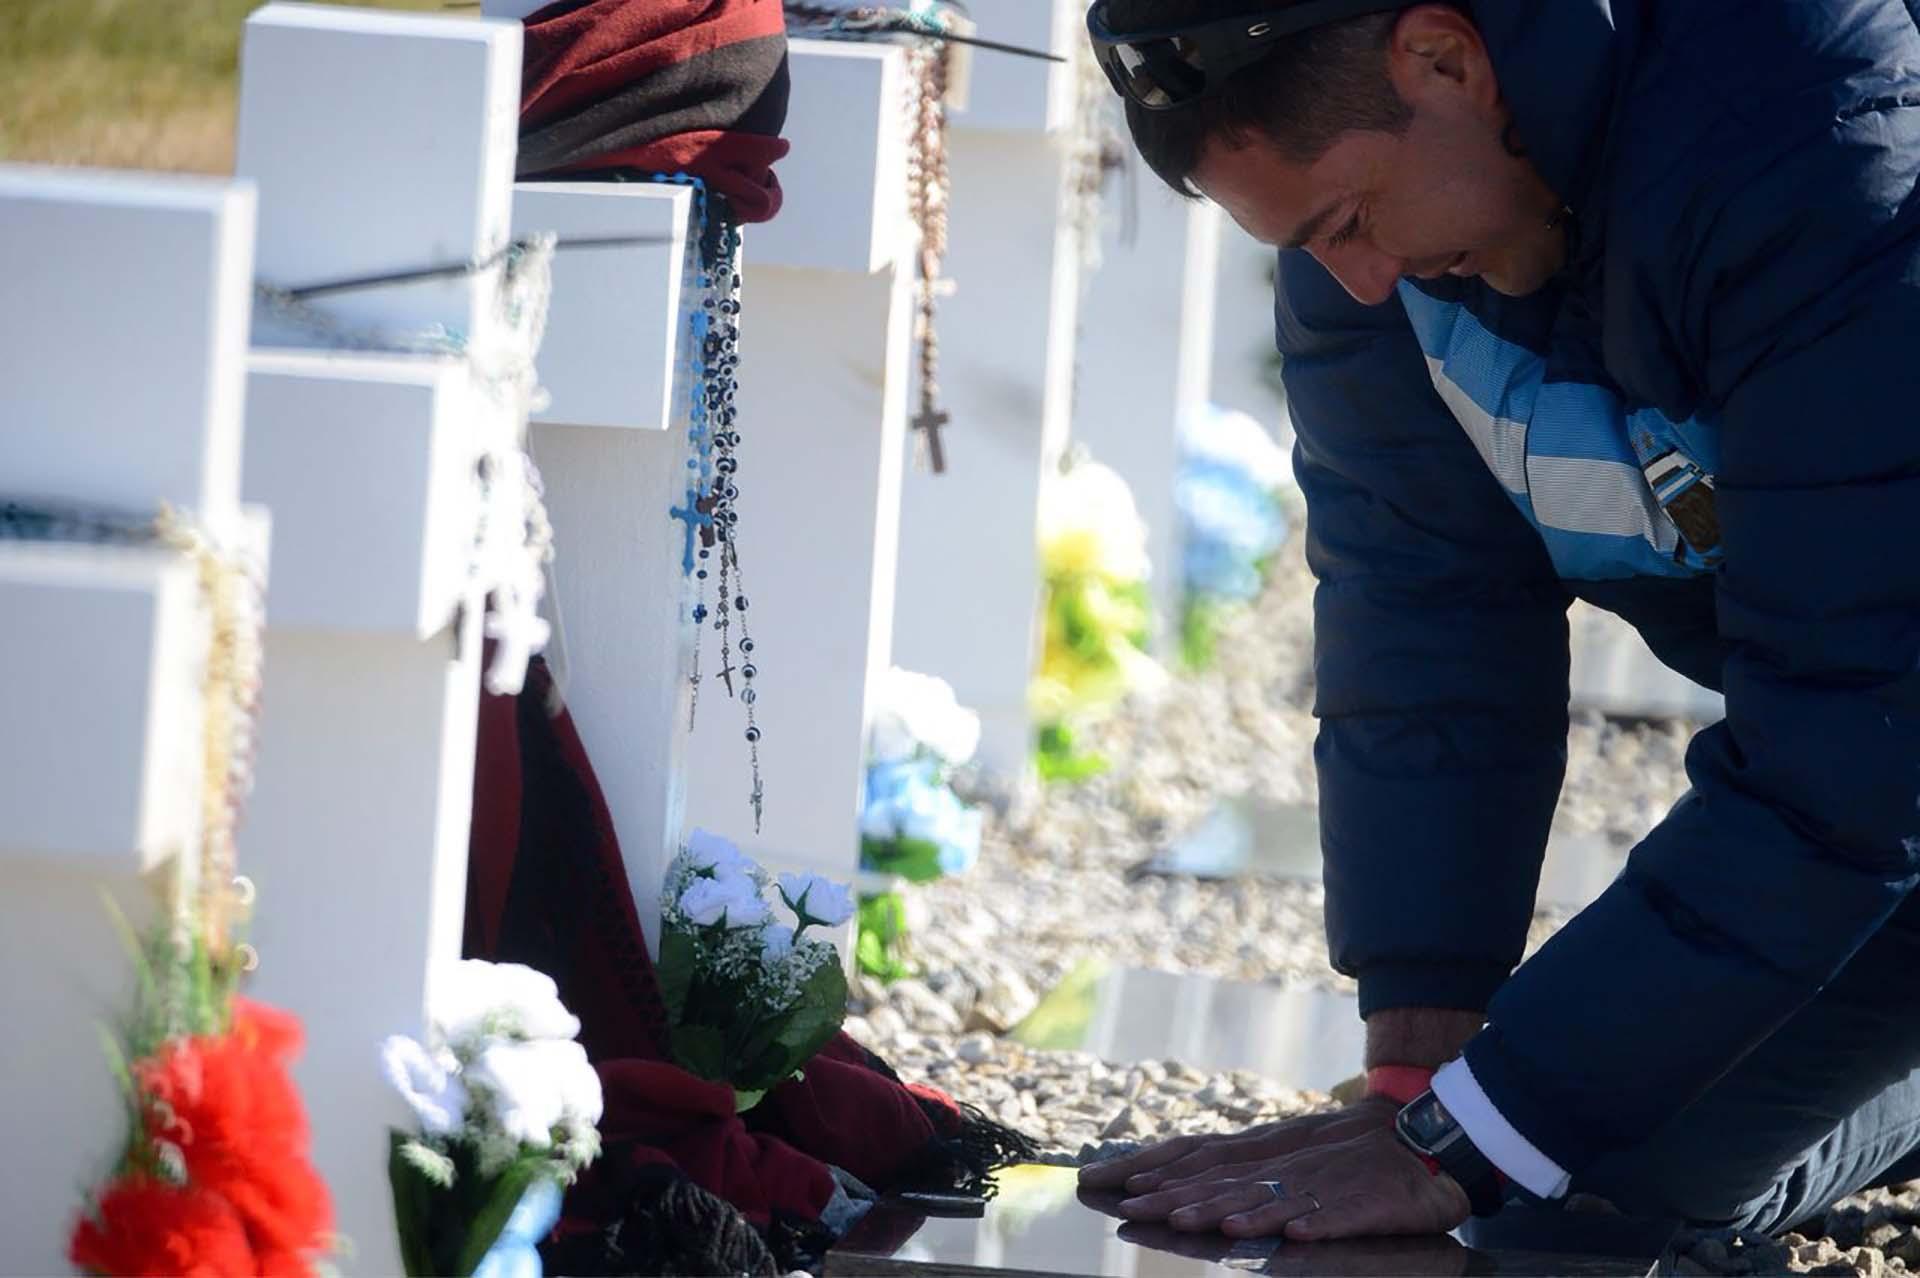 Llanto y dolor.Los jóvenes de las familias de Malvinas no olvidan ni por un instante a aquel hermano mayor que partió a la guerra para no volver (Foto: Presidencia de la Nación/Secretaria DDHH/ Víctor Bugge)